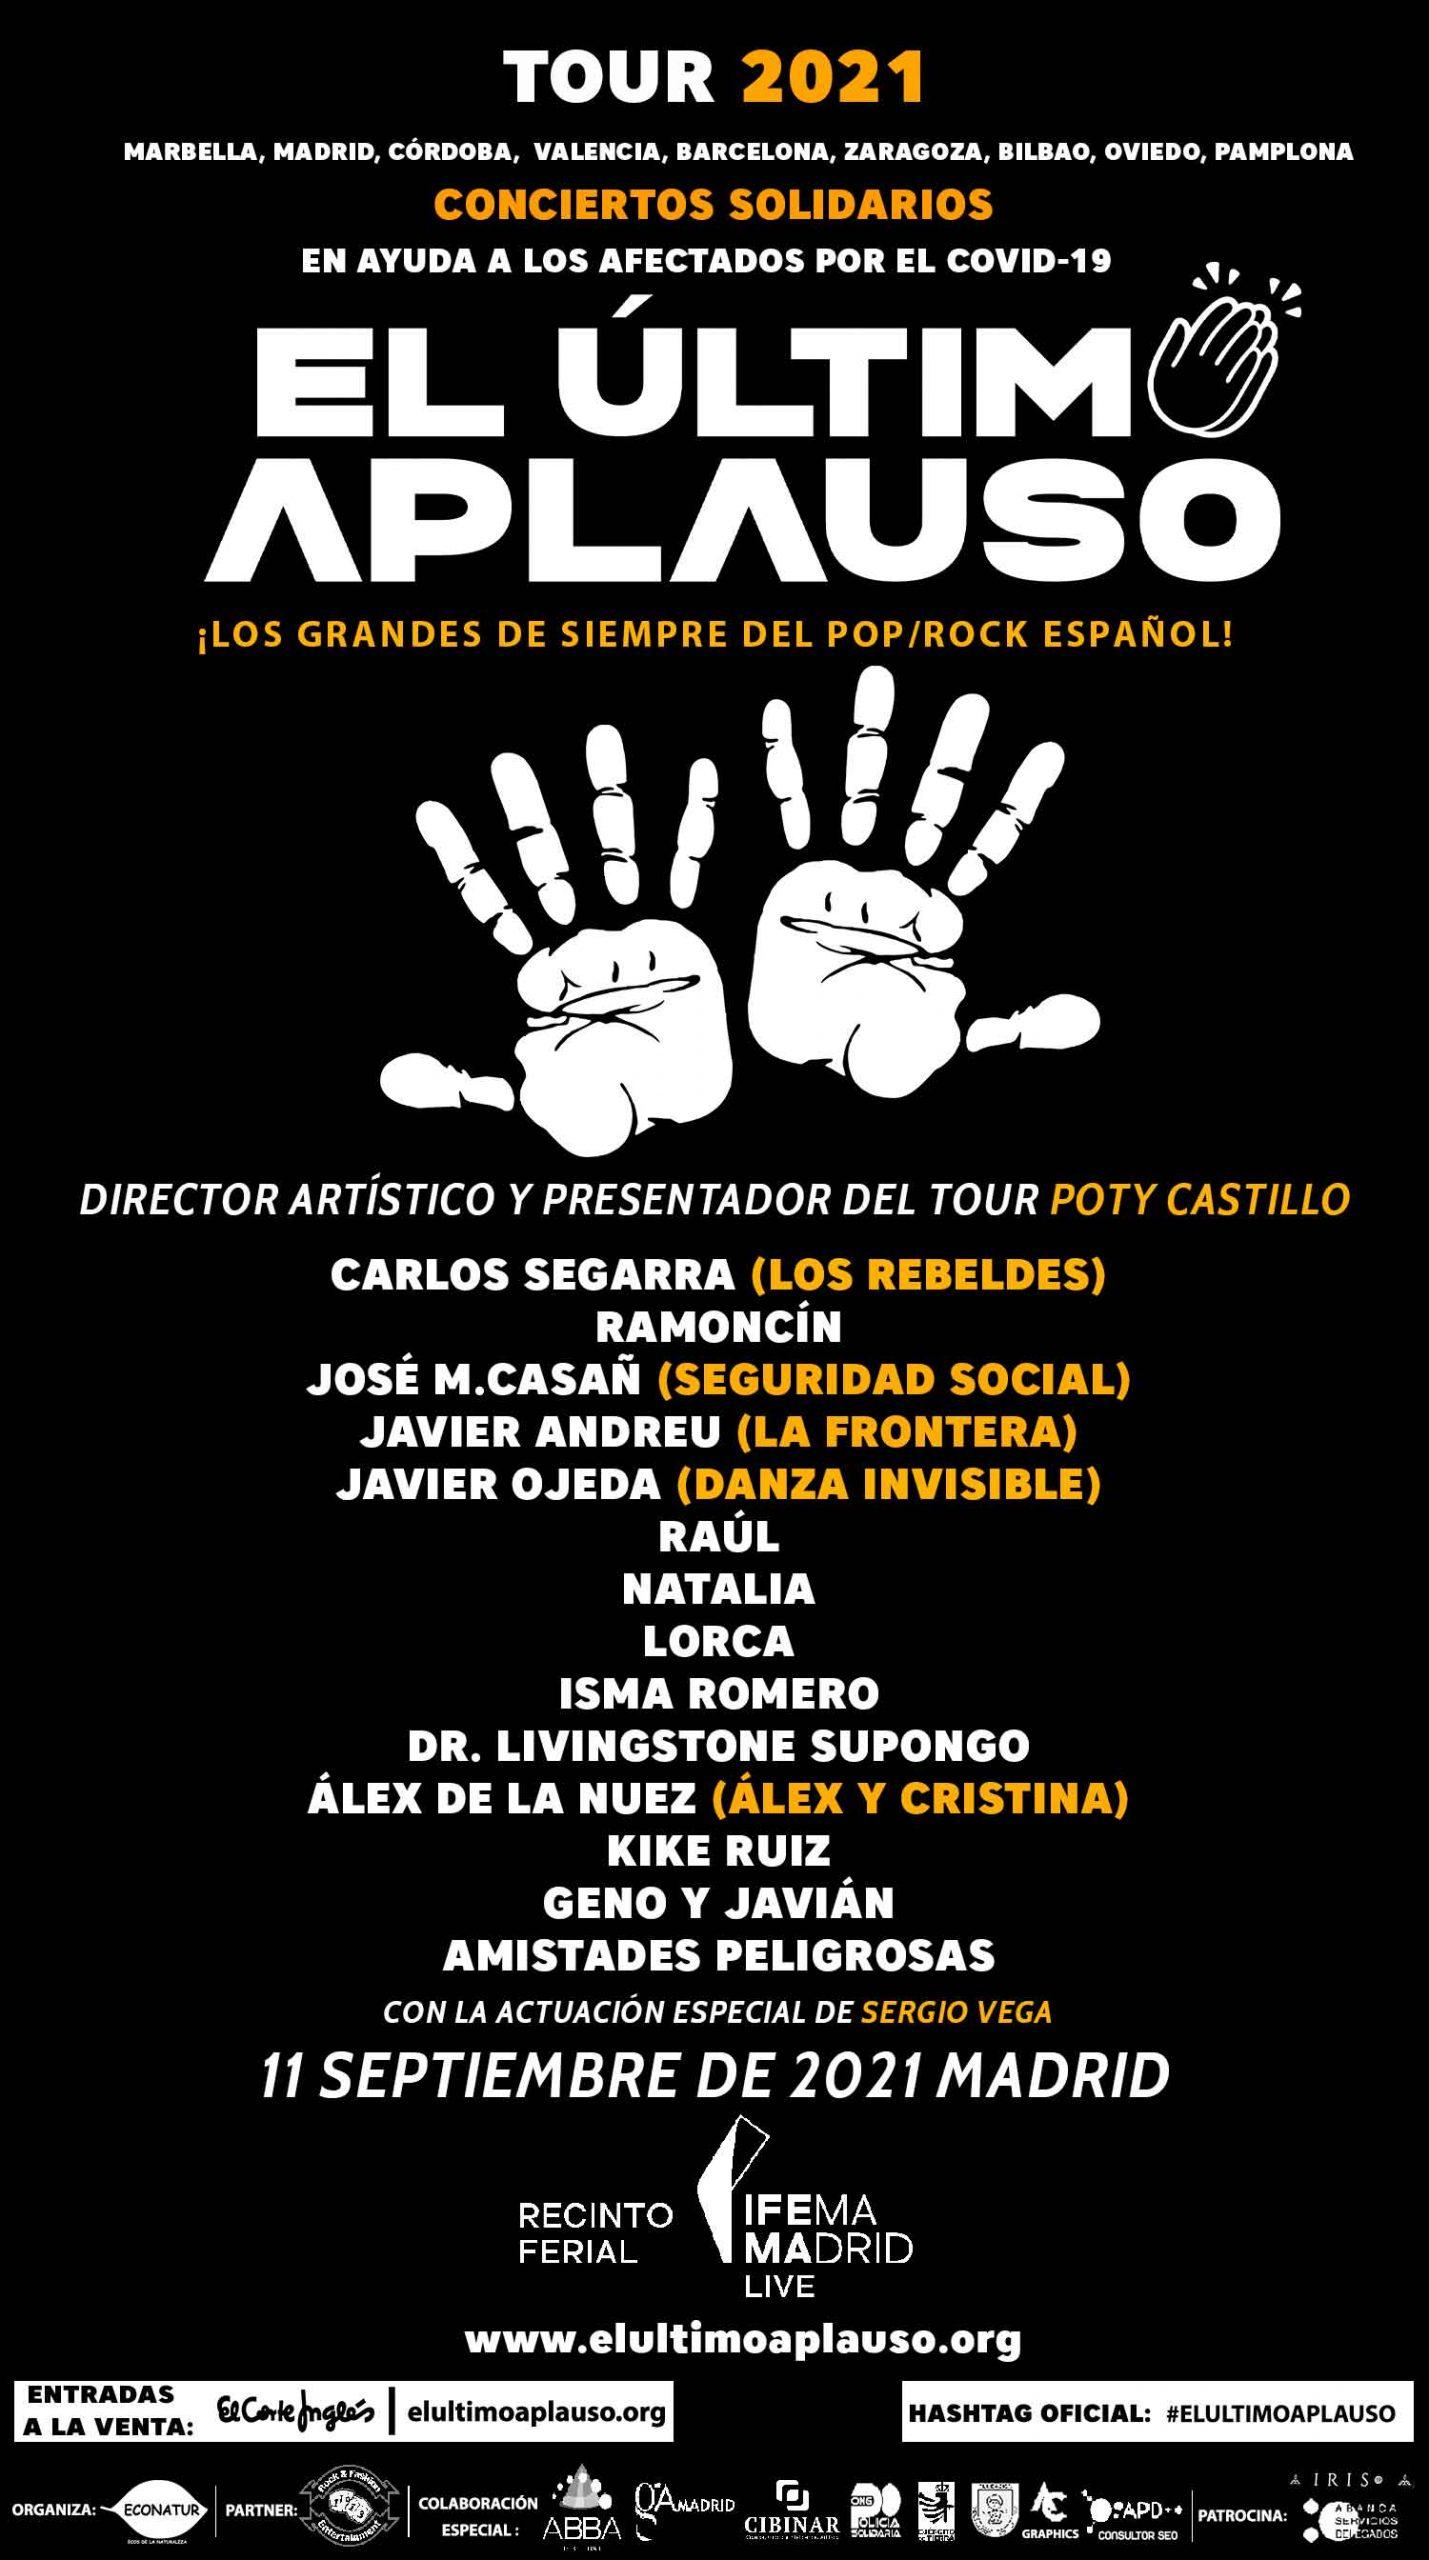 CARTEL-EUA-IFEMA-MADRID-LIVE-11-SEPTIEMBRE-2021